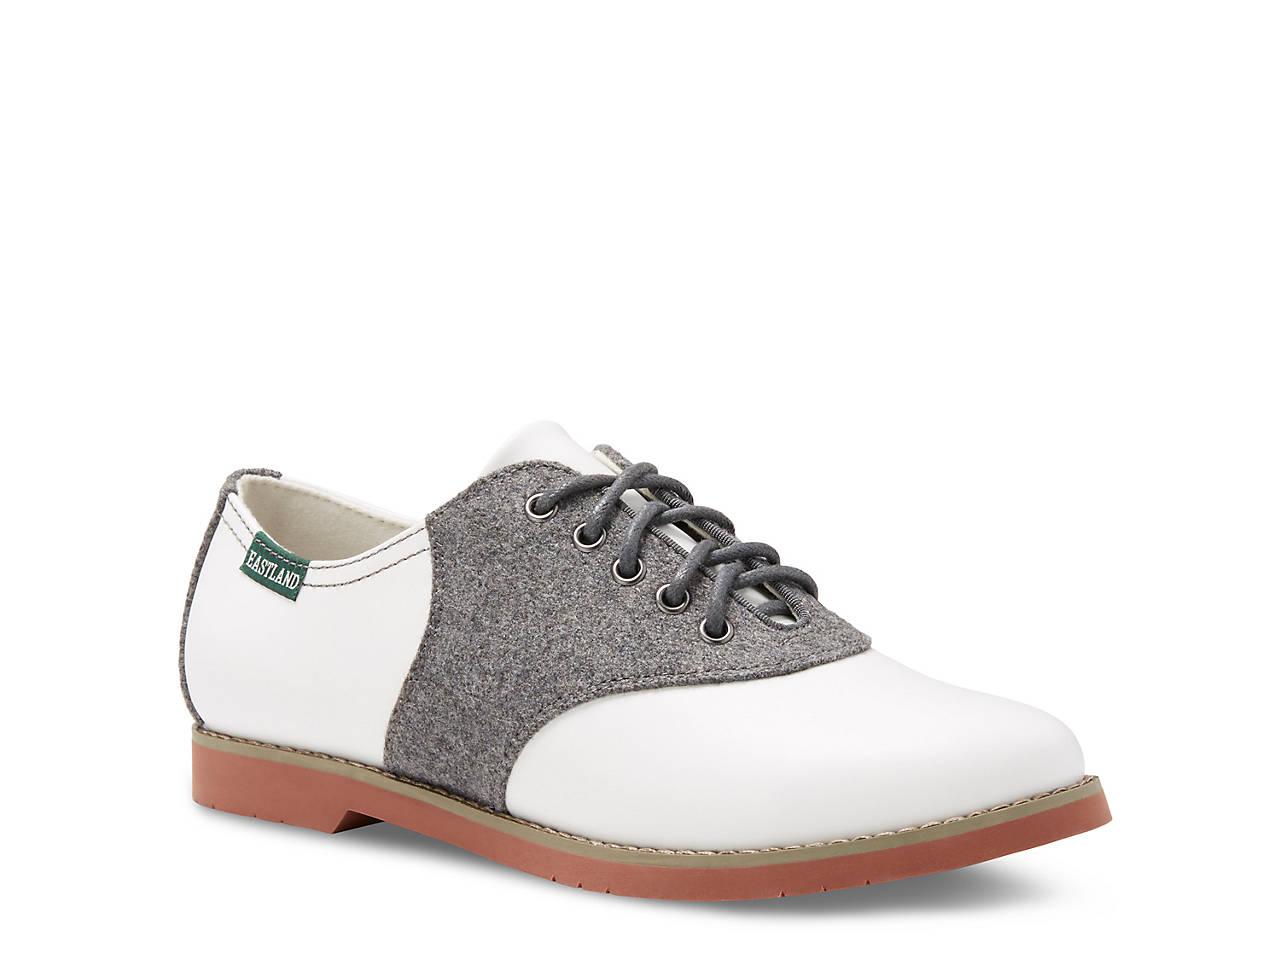 a1034c1fb21fa Eastland Sadie Saddle Oxford Women s Shoes